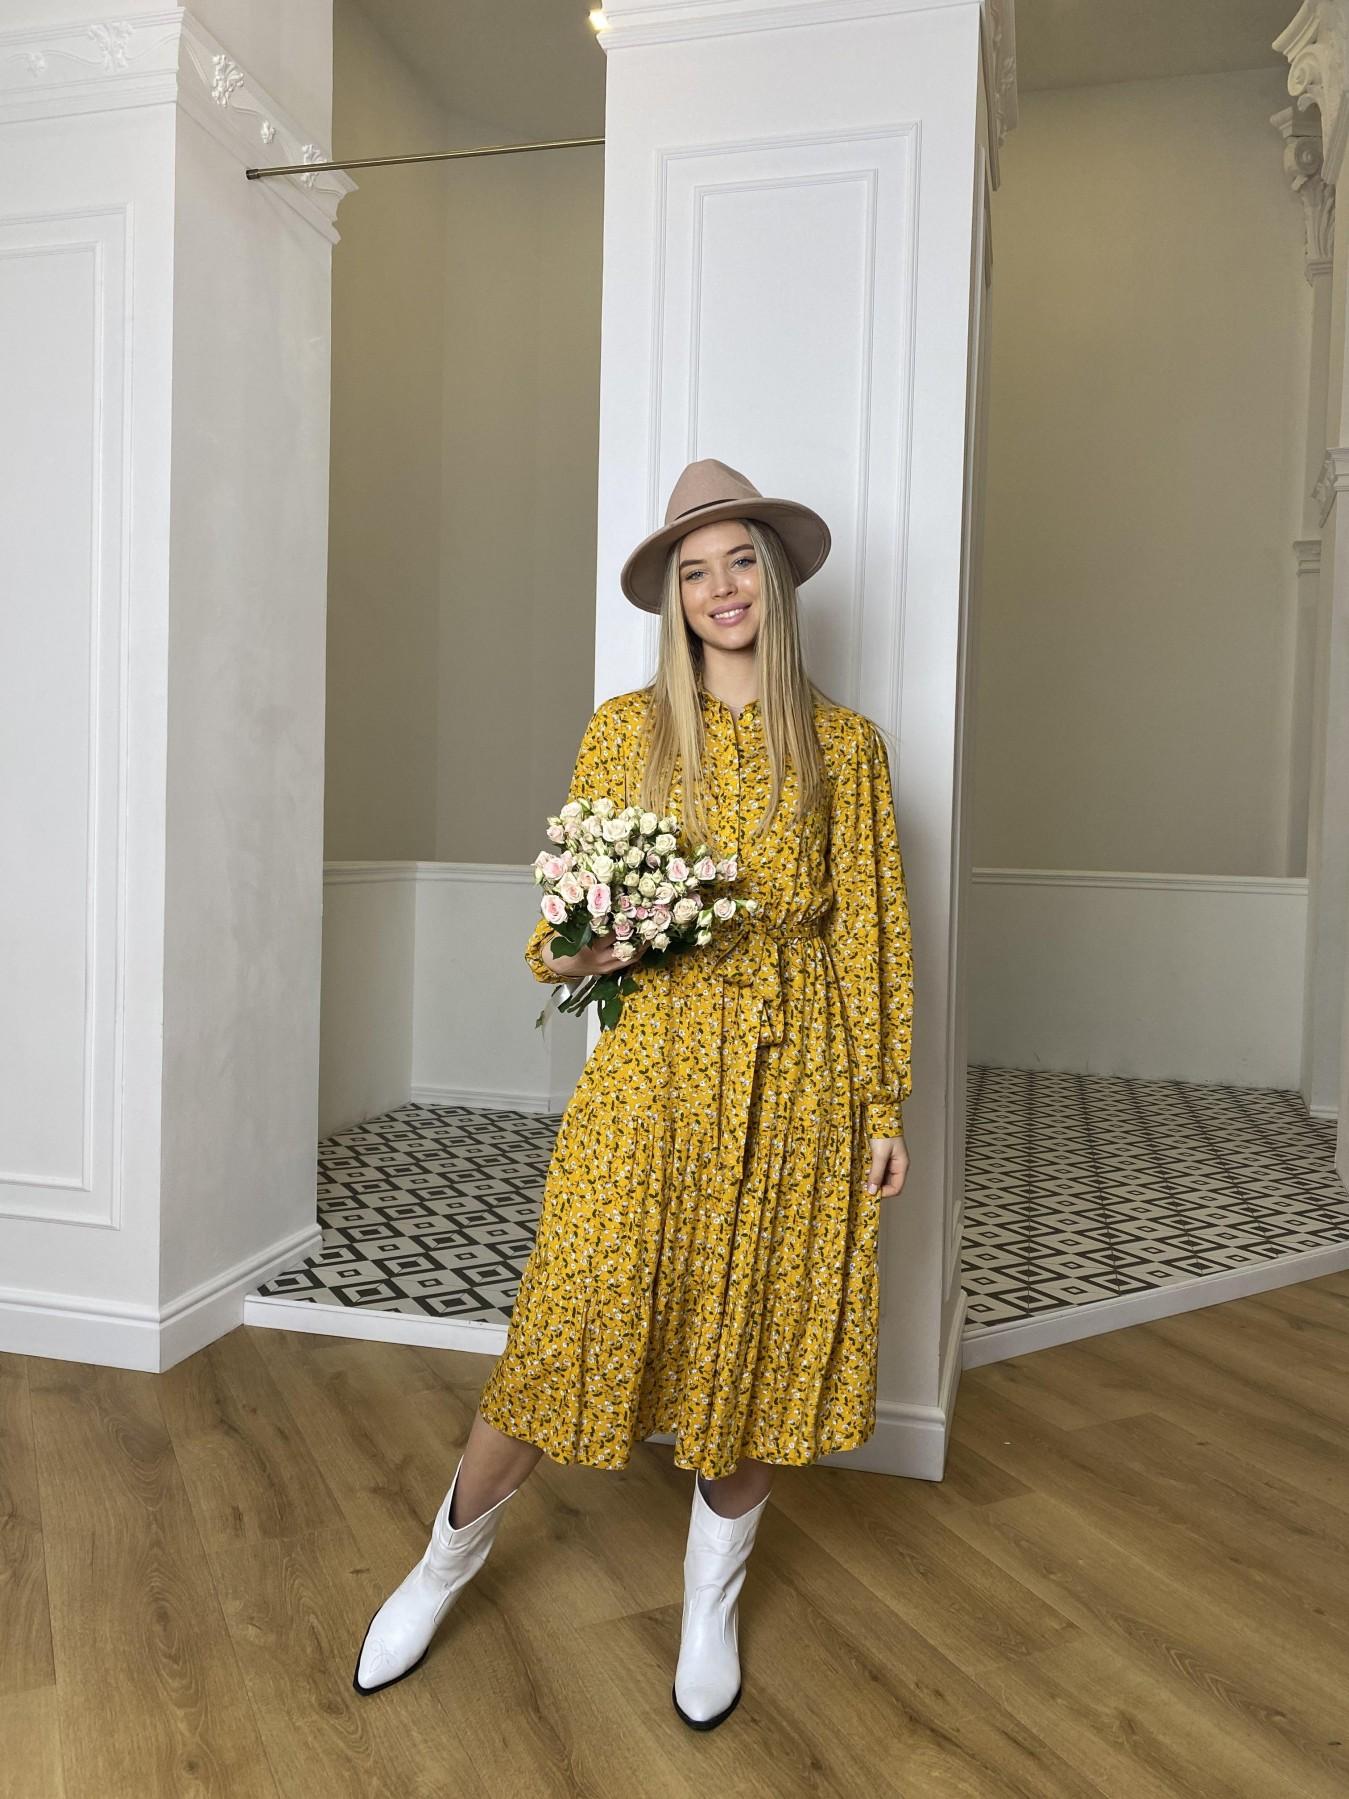 Лилия платье штапель в принт 10879 АРТ. 47350 Цвет: Цветы мел горч/бел/гол - фото 3, интернет магазин tm-modus.ru